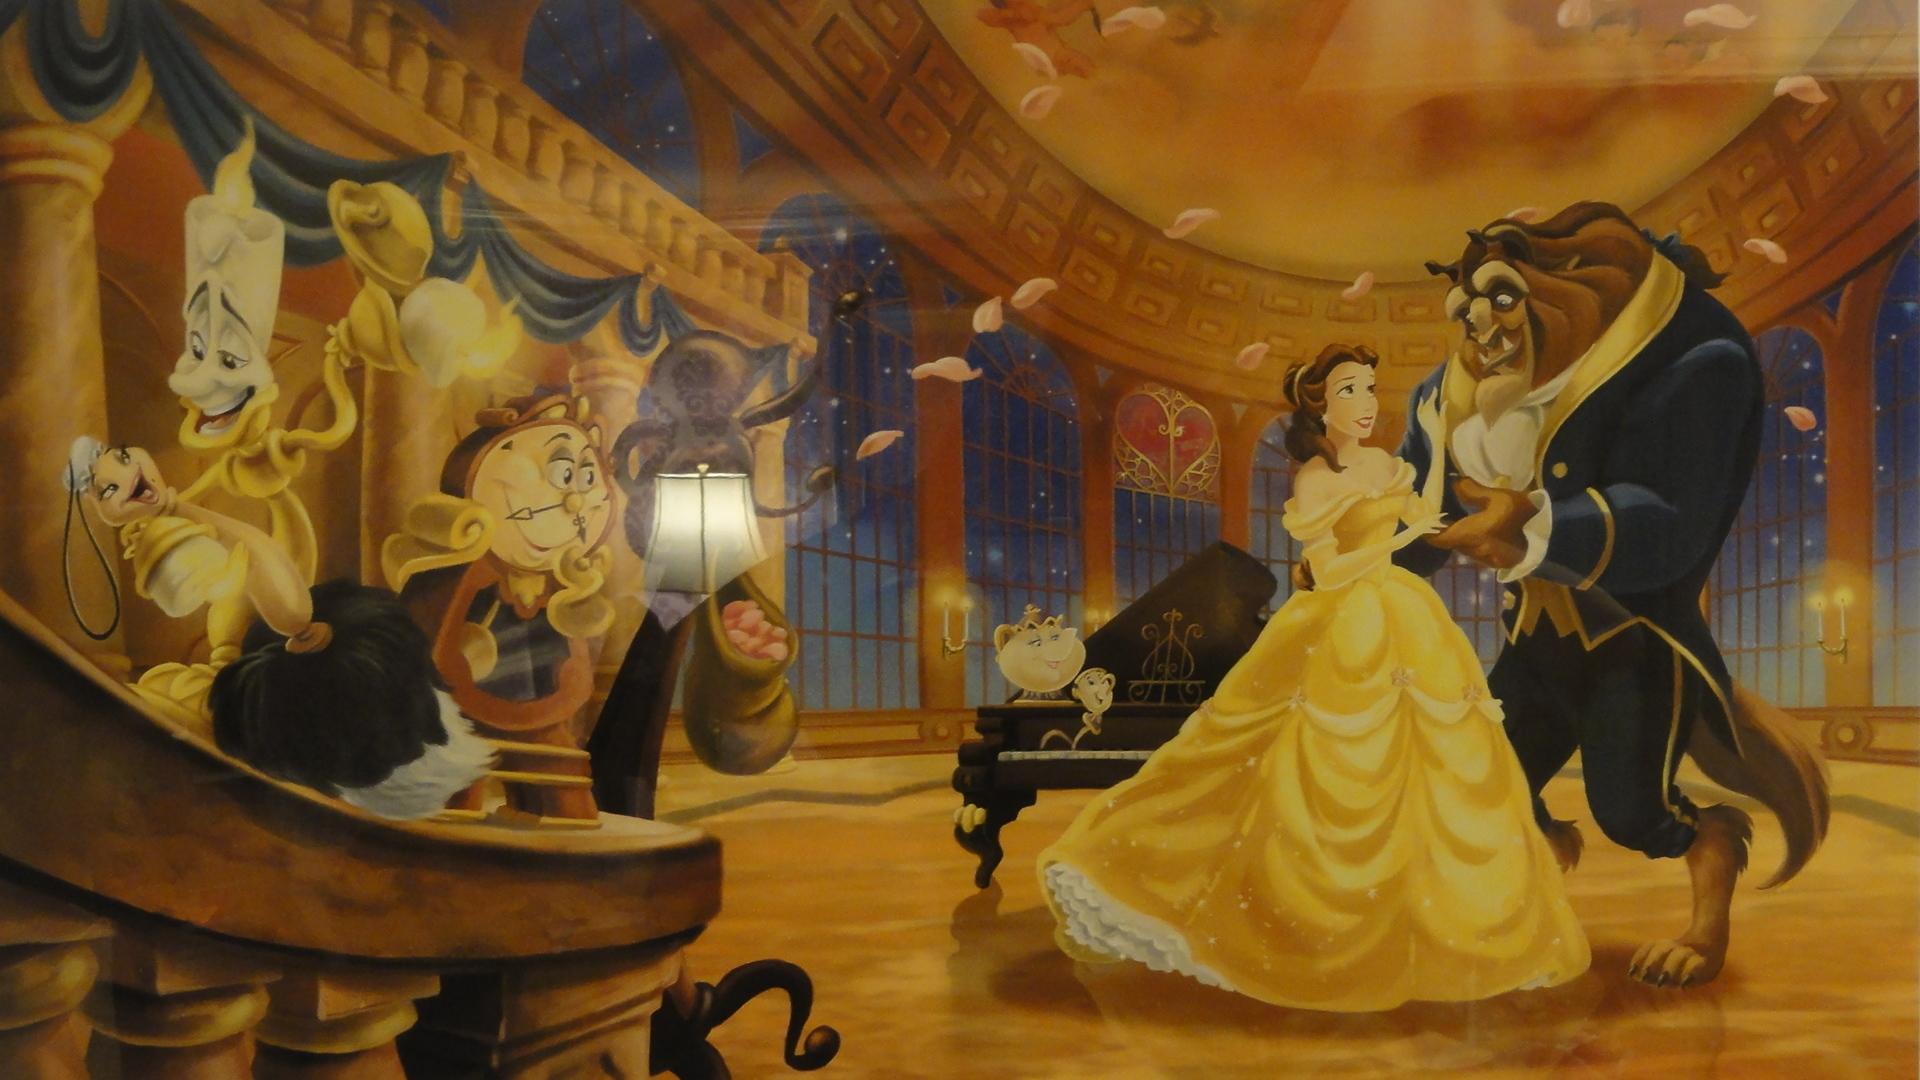 美女と野獣の部屋を作ってみよう ディズニーグッズ専門チャンネル